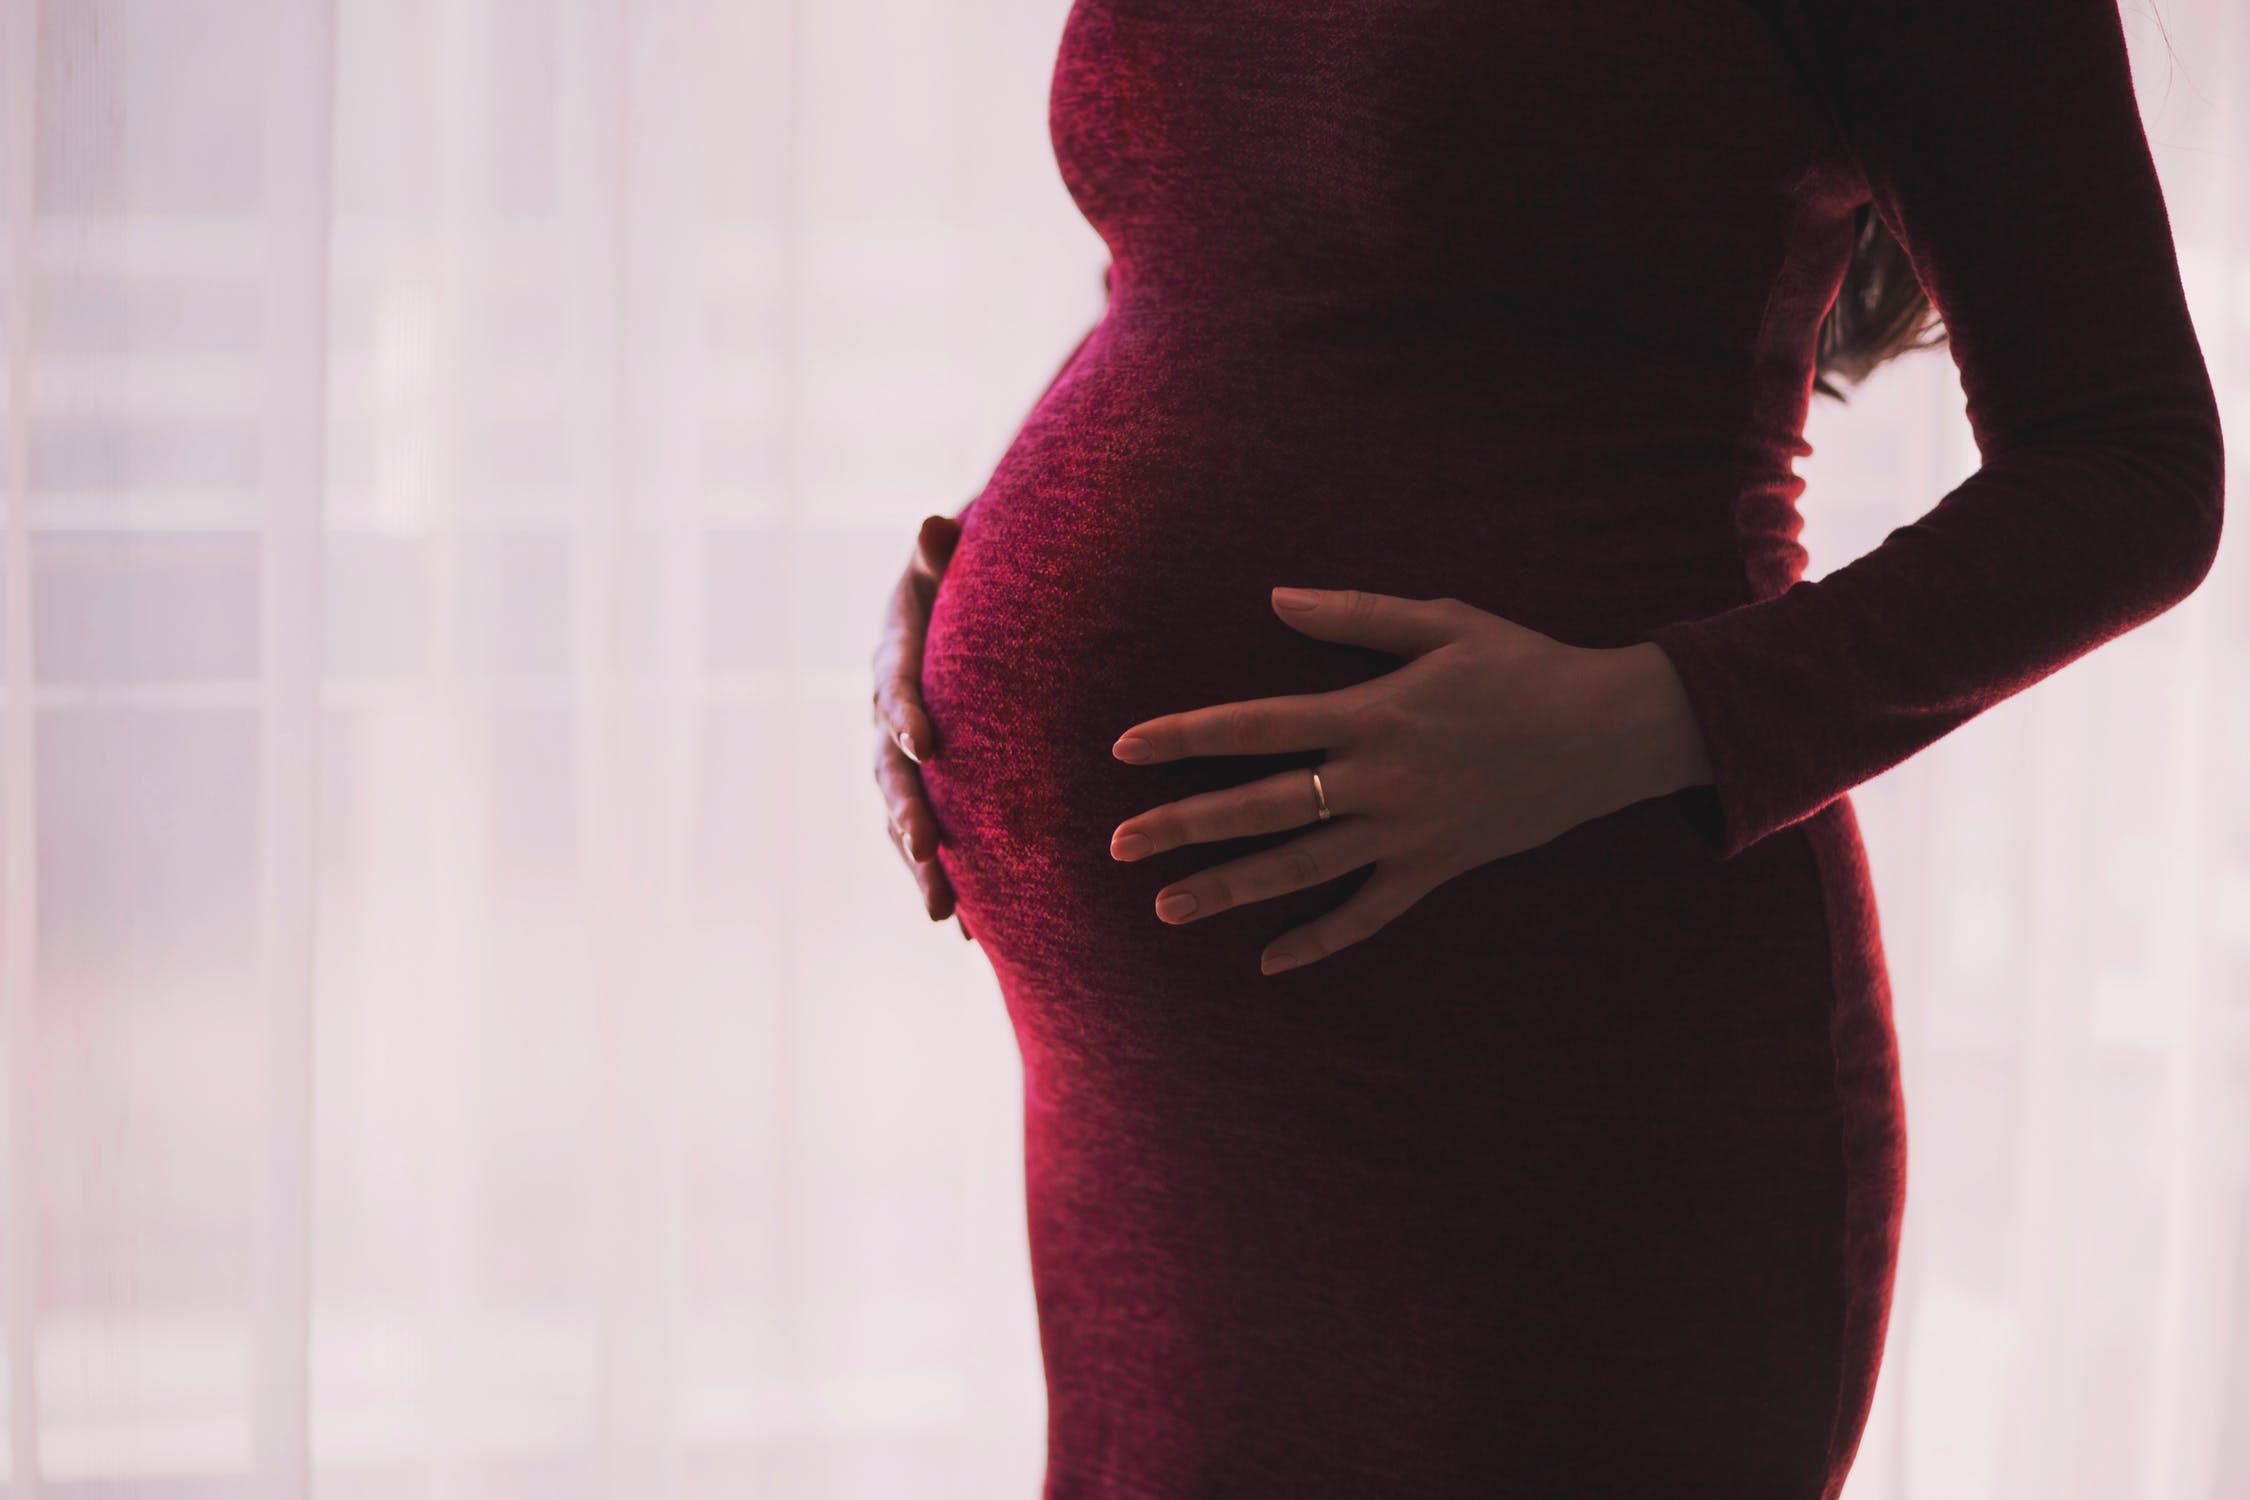 N'hésitez pas à faire valoir vos droits en tant que femme enceinte au Portugal